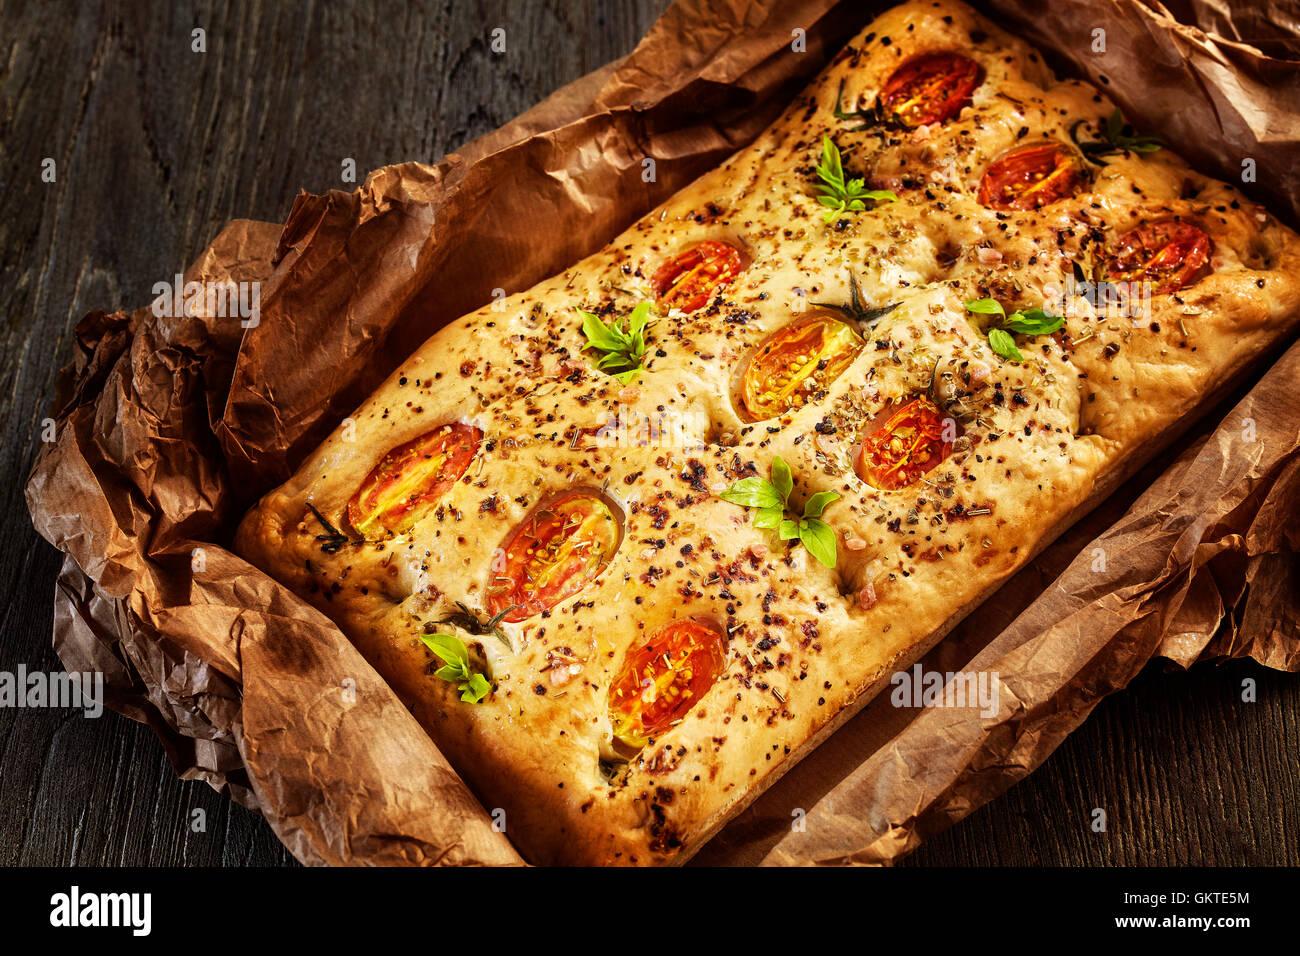 Focaccia italienne fraîchement cuit au four avec des tomates sur une vieille table en bois. Photo Stock